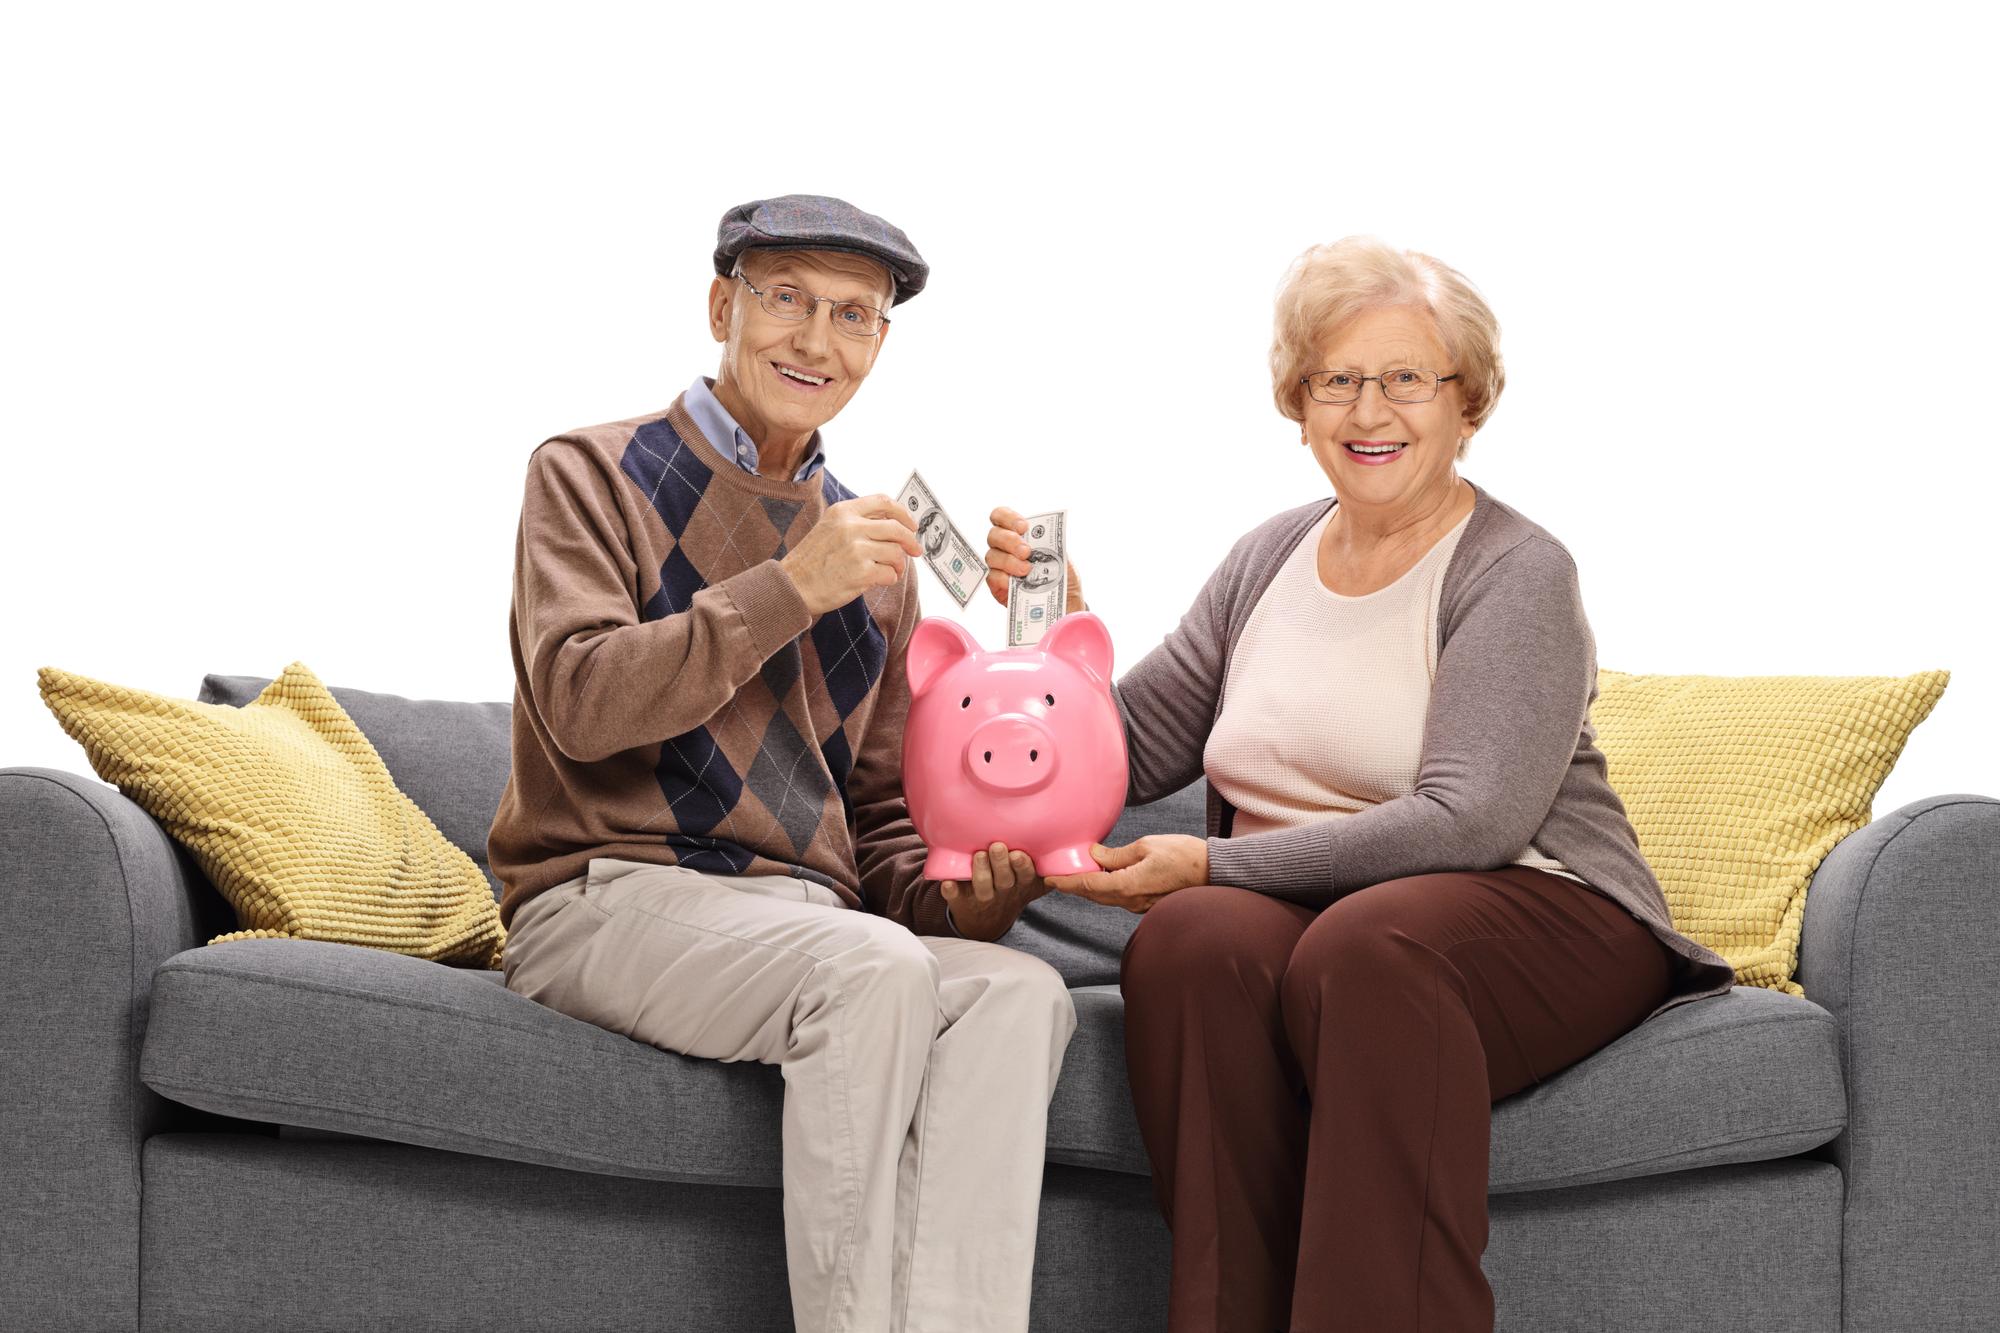 Кредити пенсіонерам до 65 років в Україні